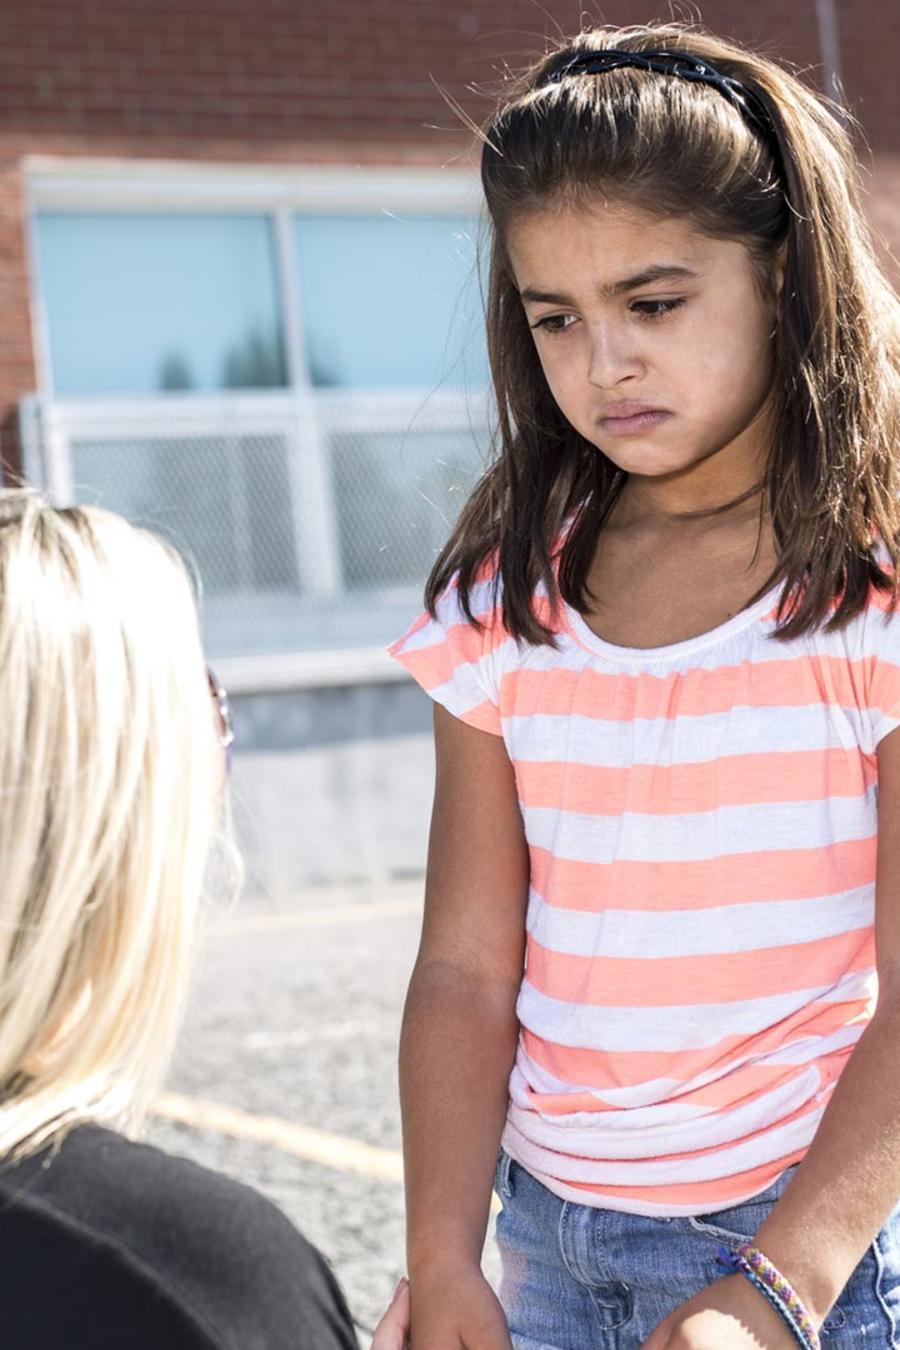 Mujer hablando con una niña triste